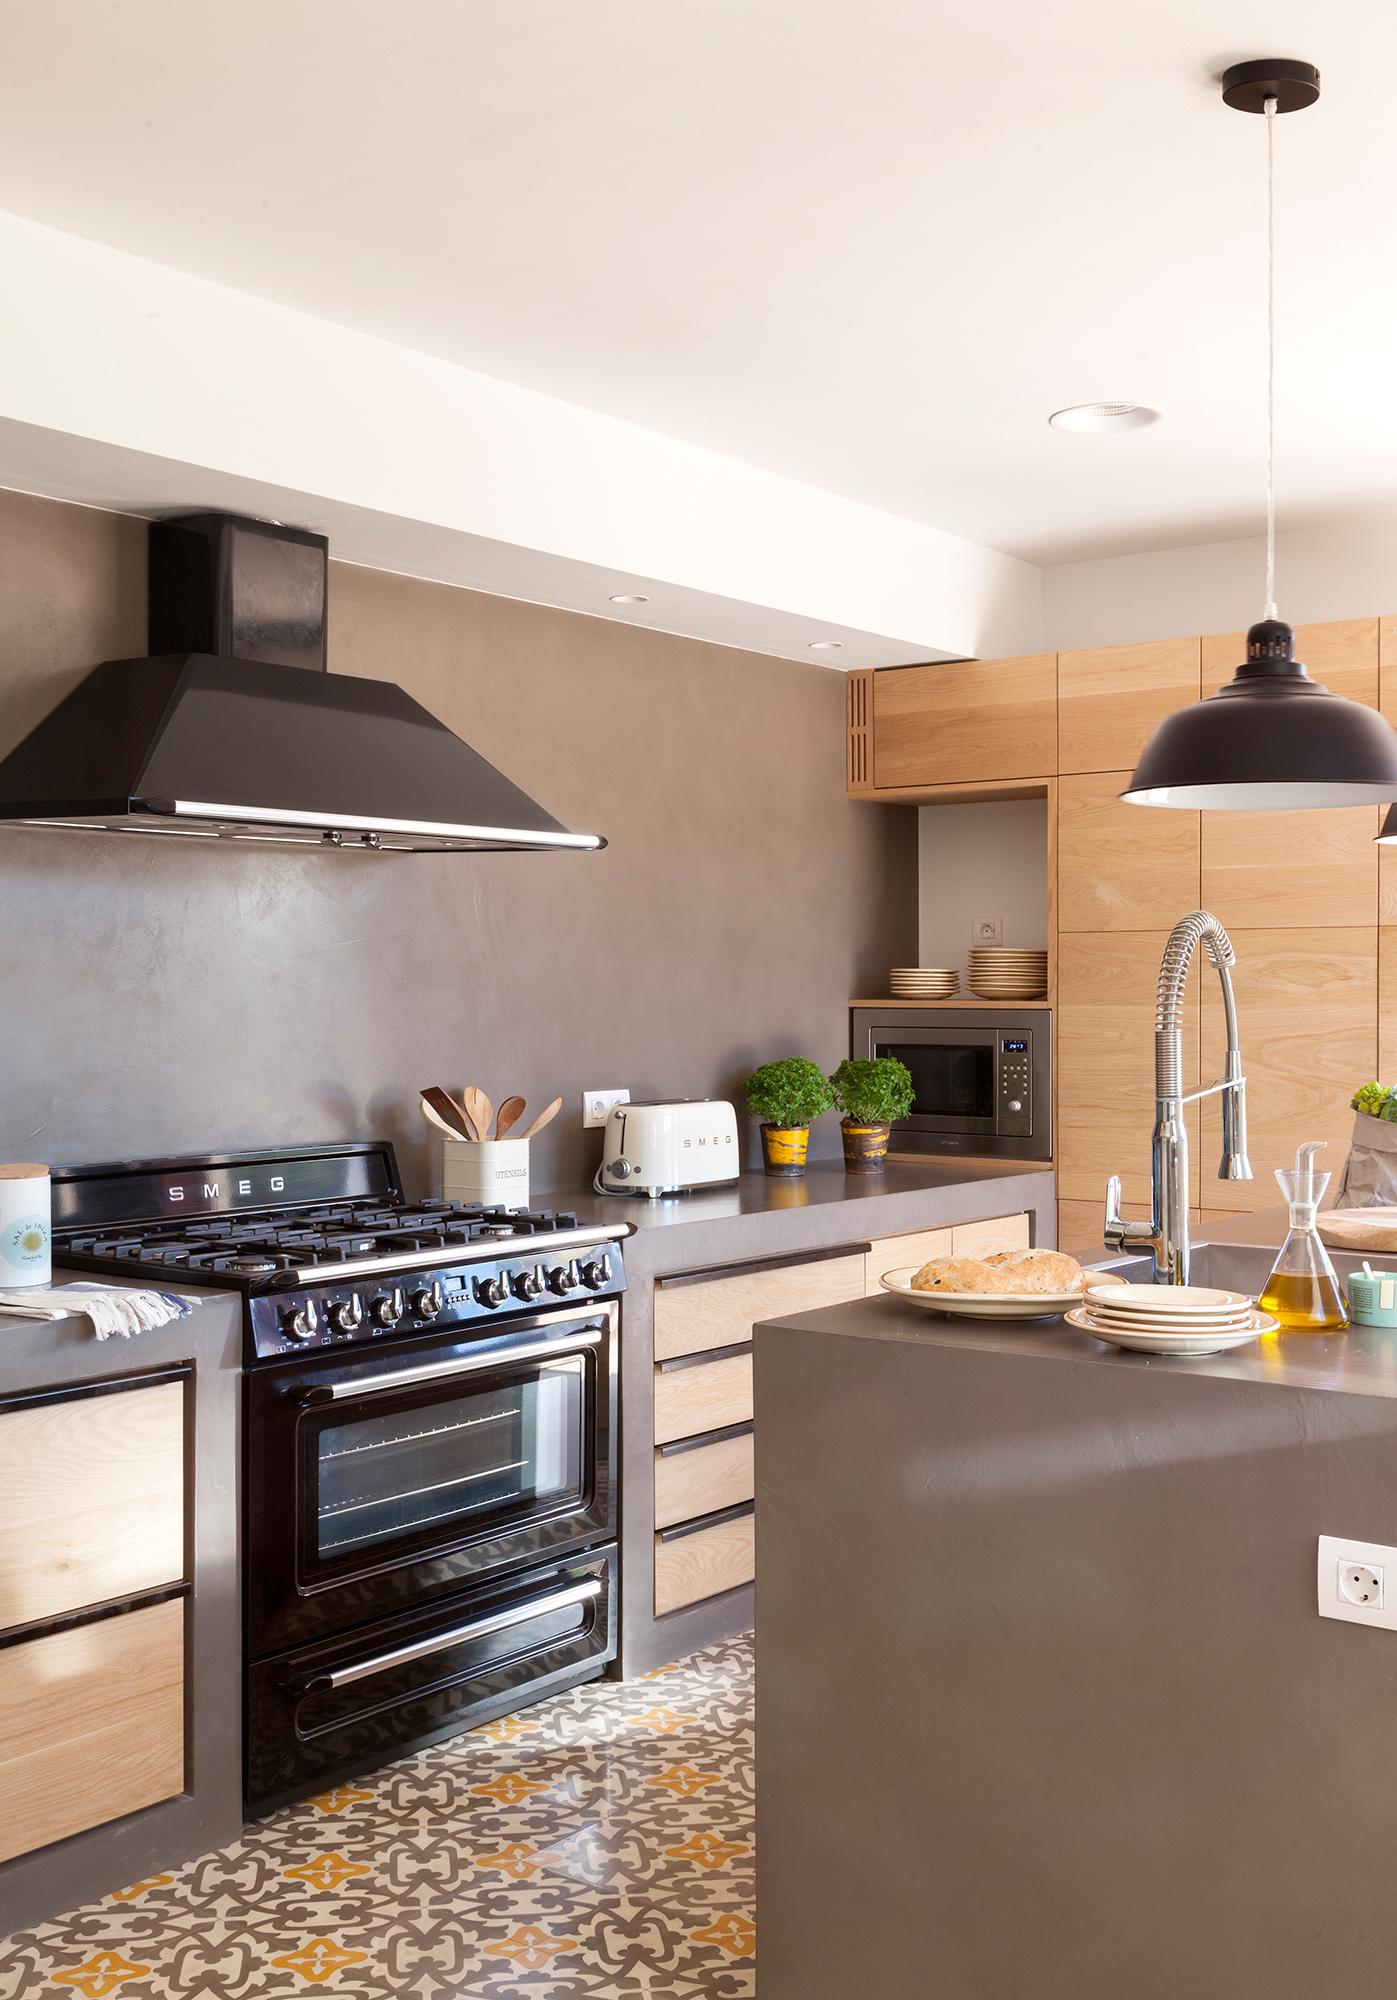 Renueva la zona de fuegos campana horno y placa de cocci n - Campanas para cocinas ...